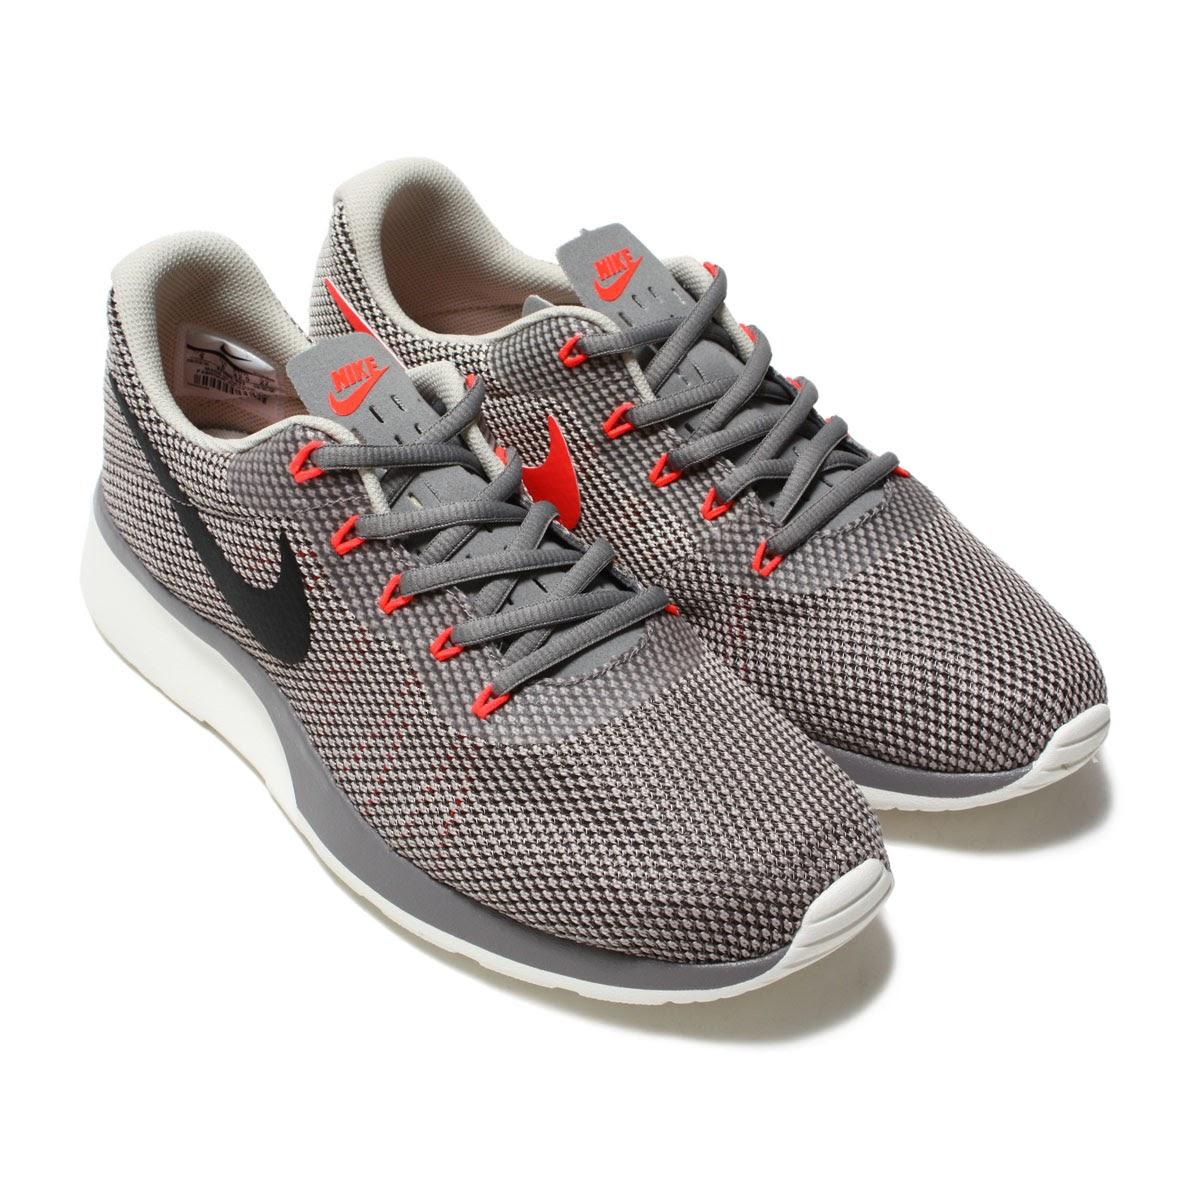 NIKE TANJUN RACER (Nike tongue Jun racer) DUST BLACK-COBBLESTONE-SOLAR RED  17FA-I 9cbcead24